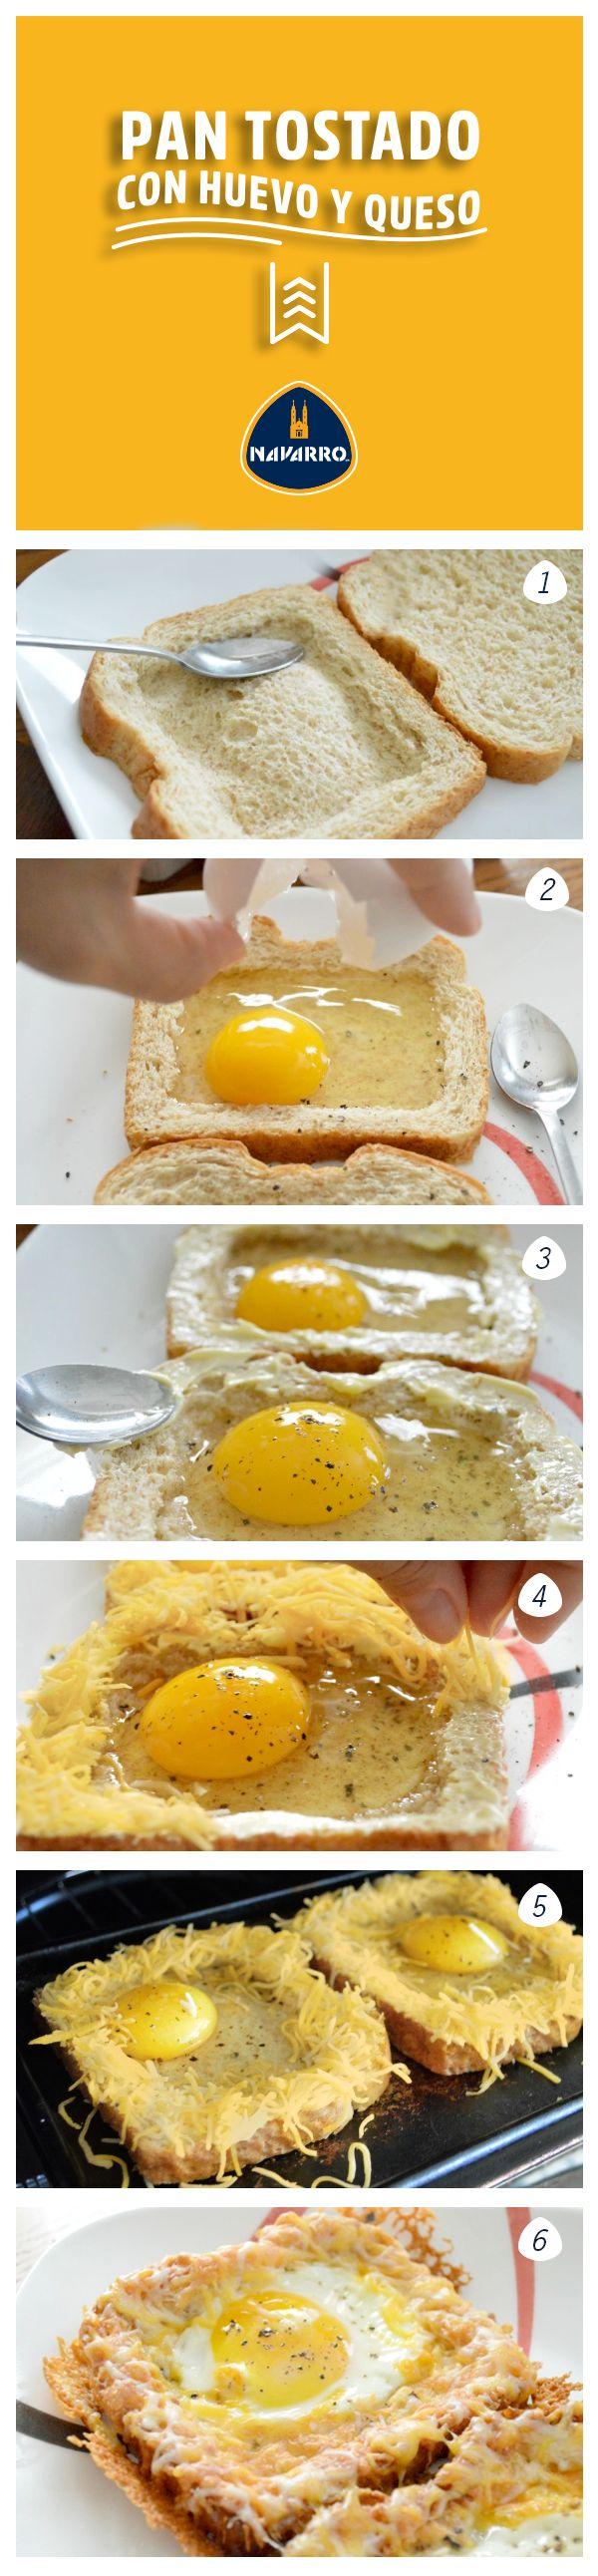 El clásico pan tostado con huevo, pero mejor: con mucho Queso Cheddar NAVARRO.